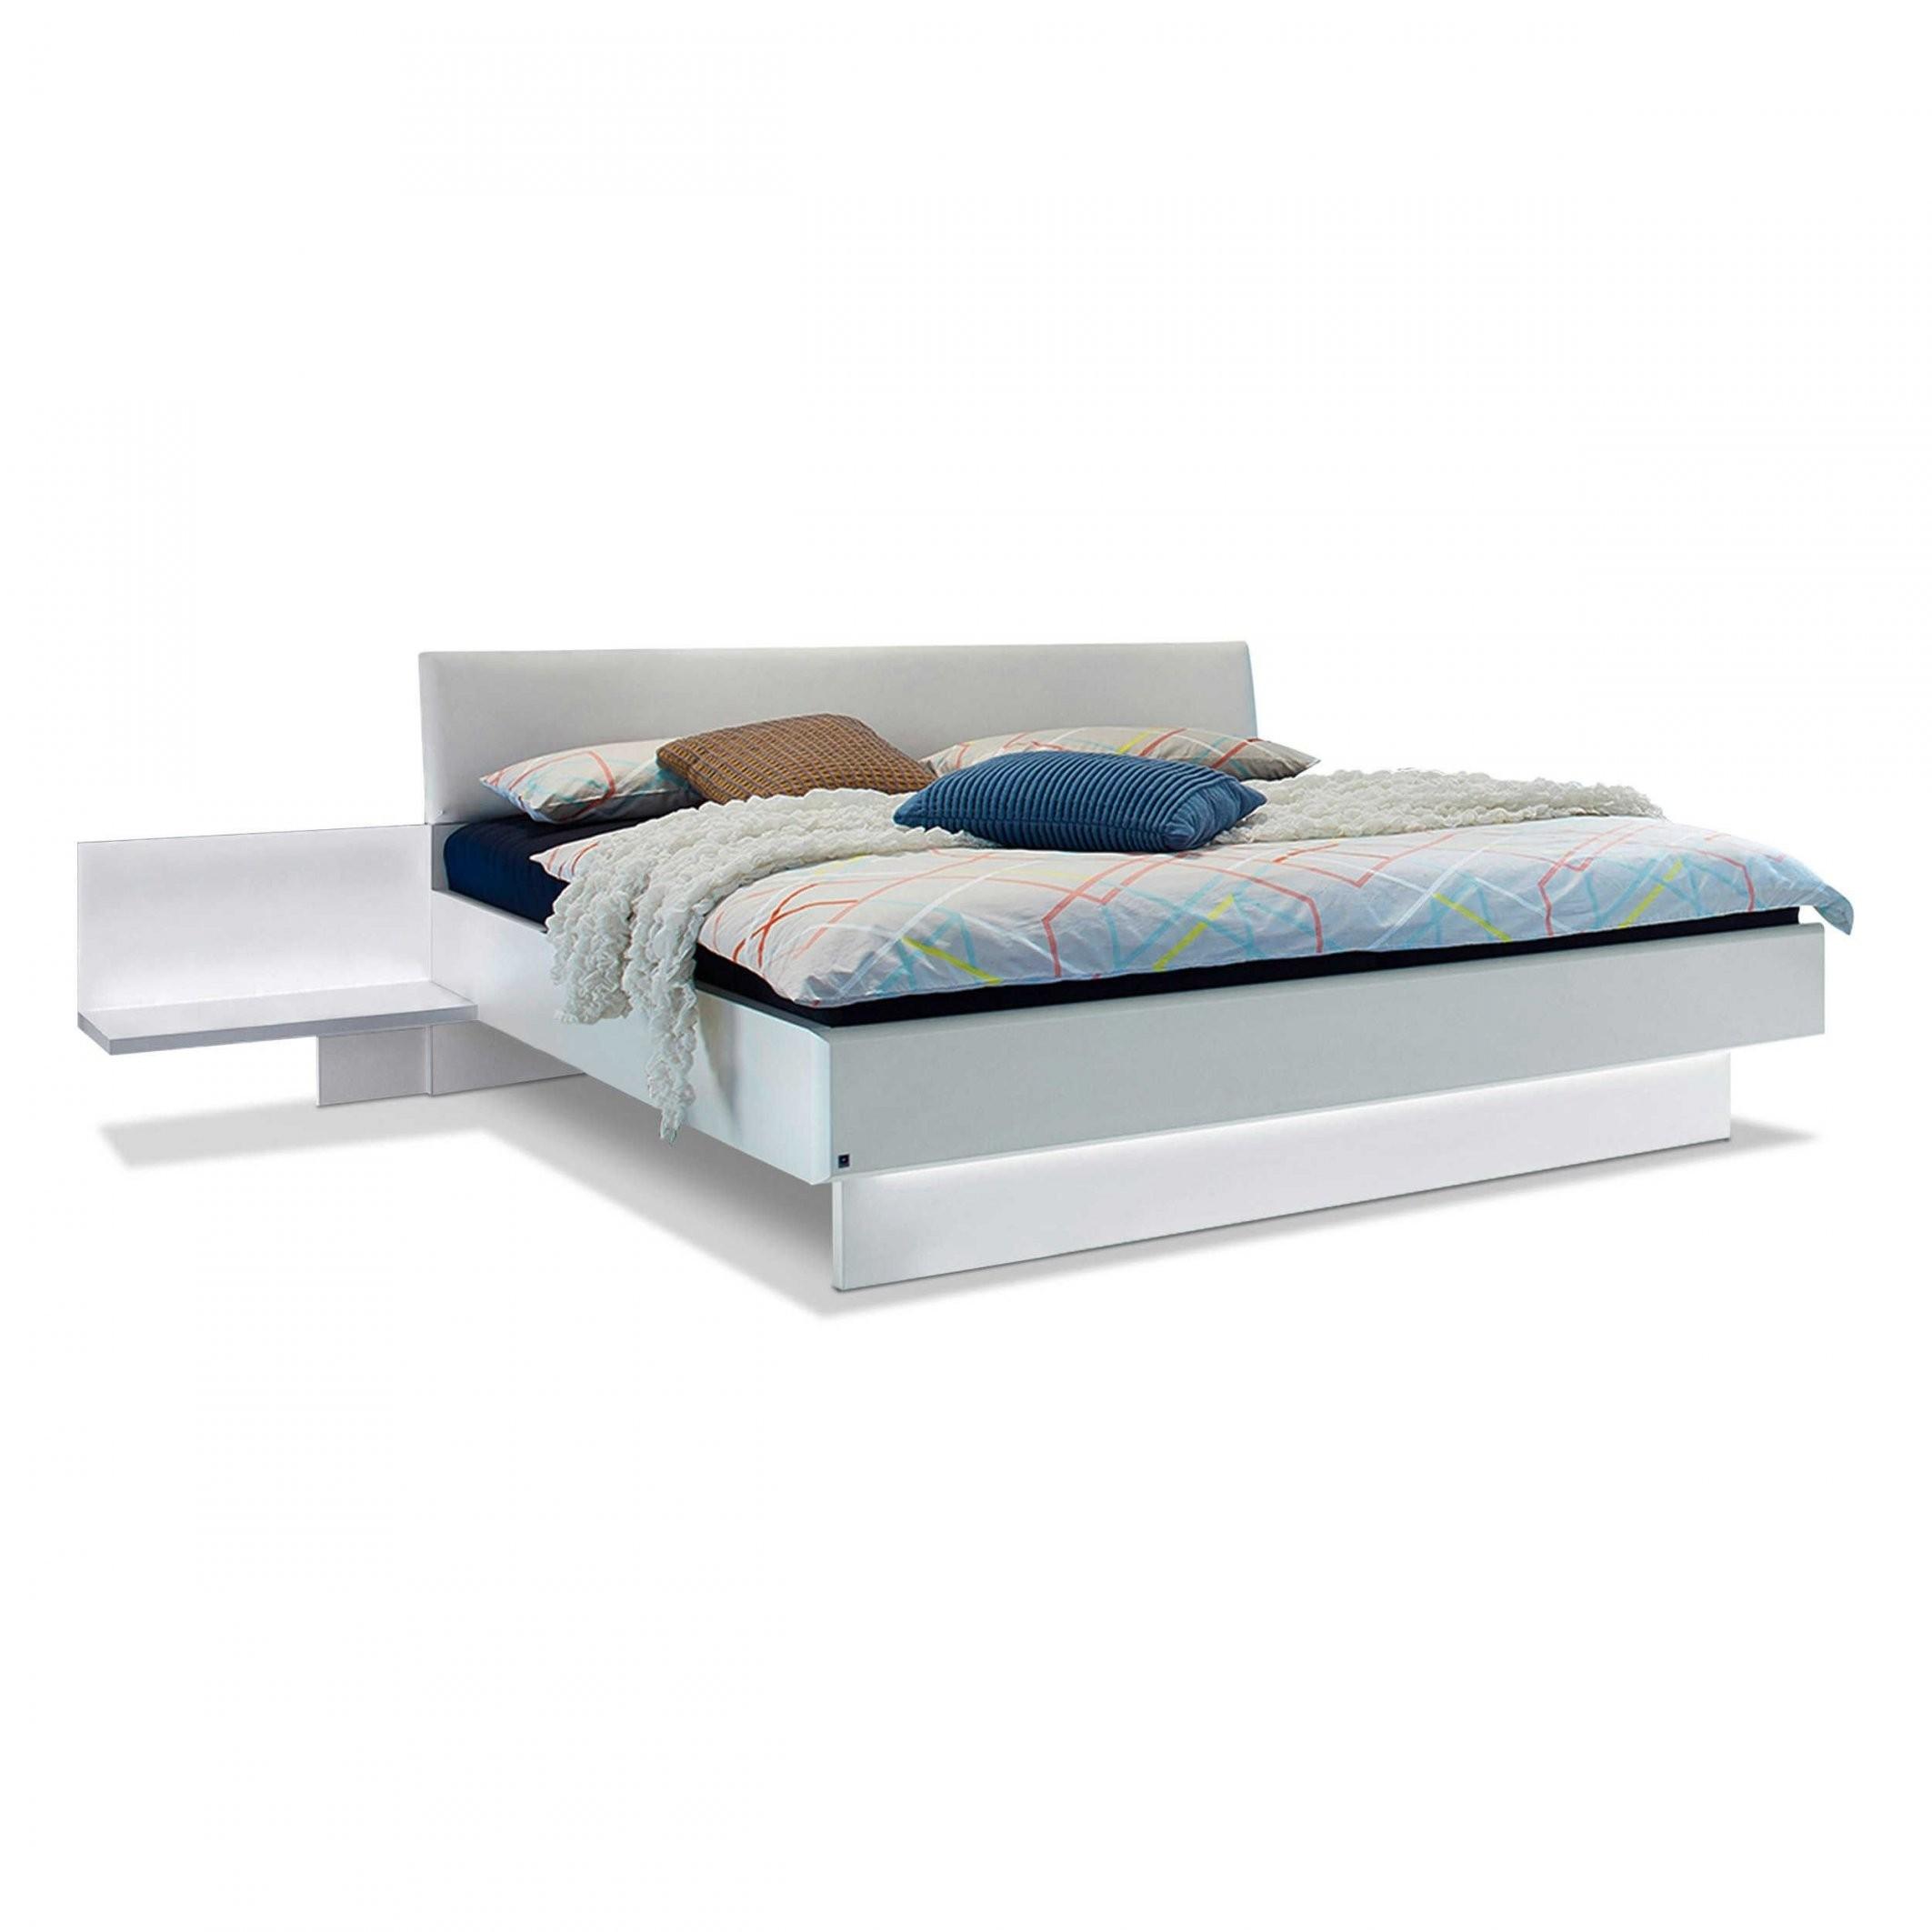 Leonardo Living Bett Mit Nachttischen Dream 160 X 200 Cm A+ Weiß von Bettgestell Weiß 160X200 Photo